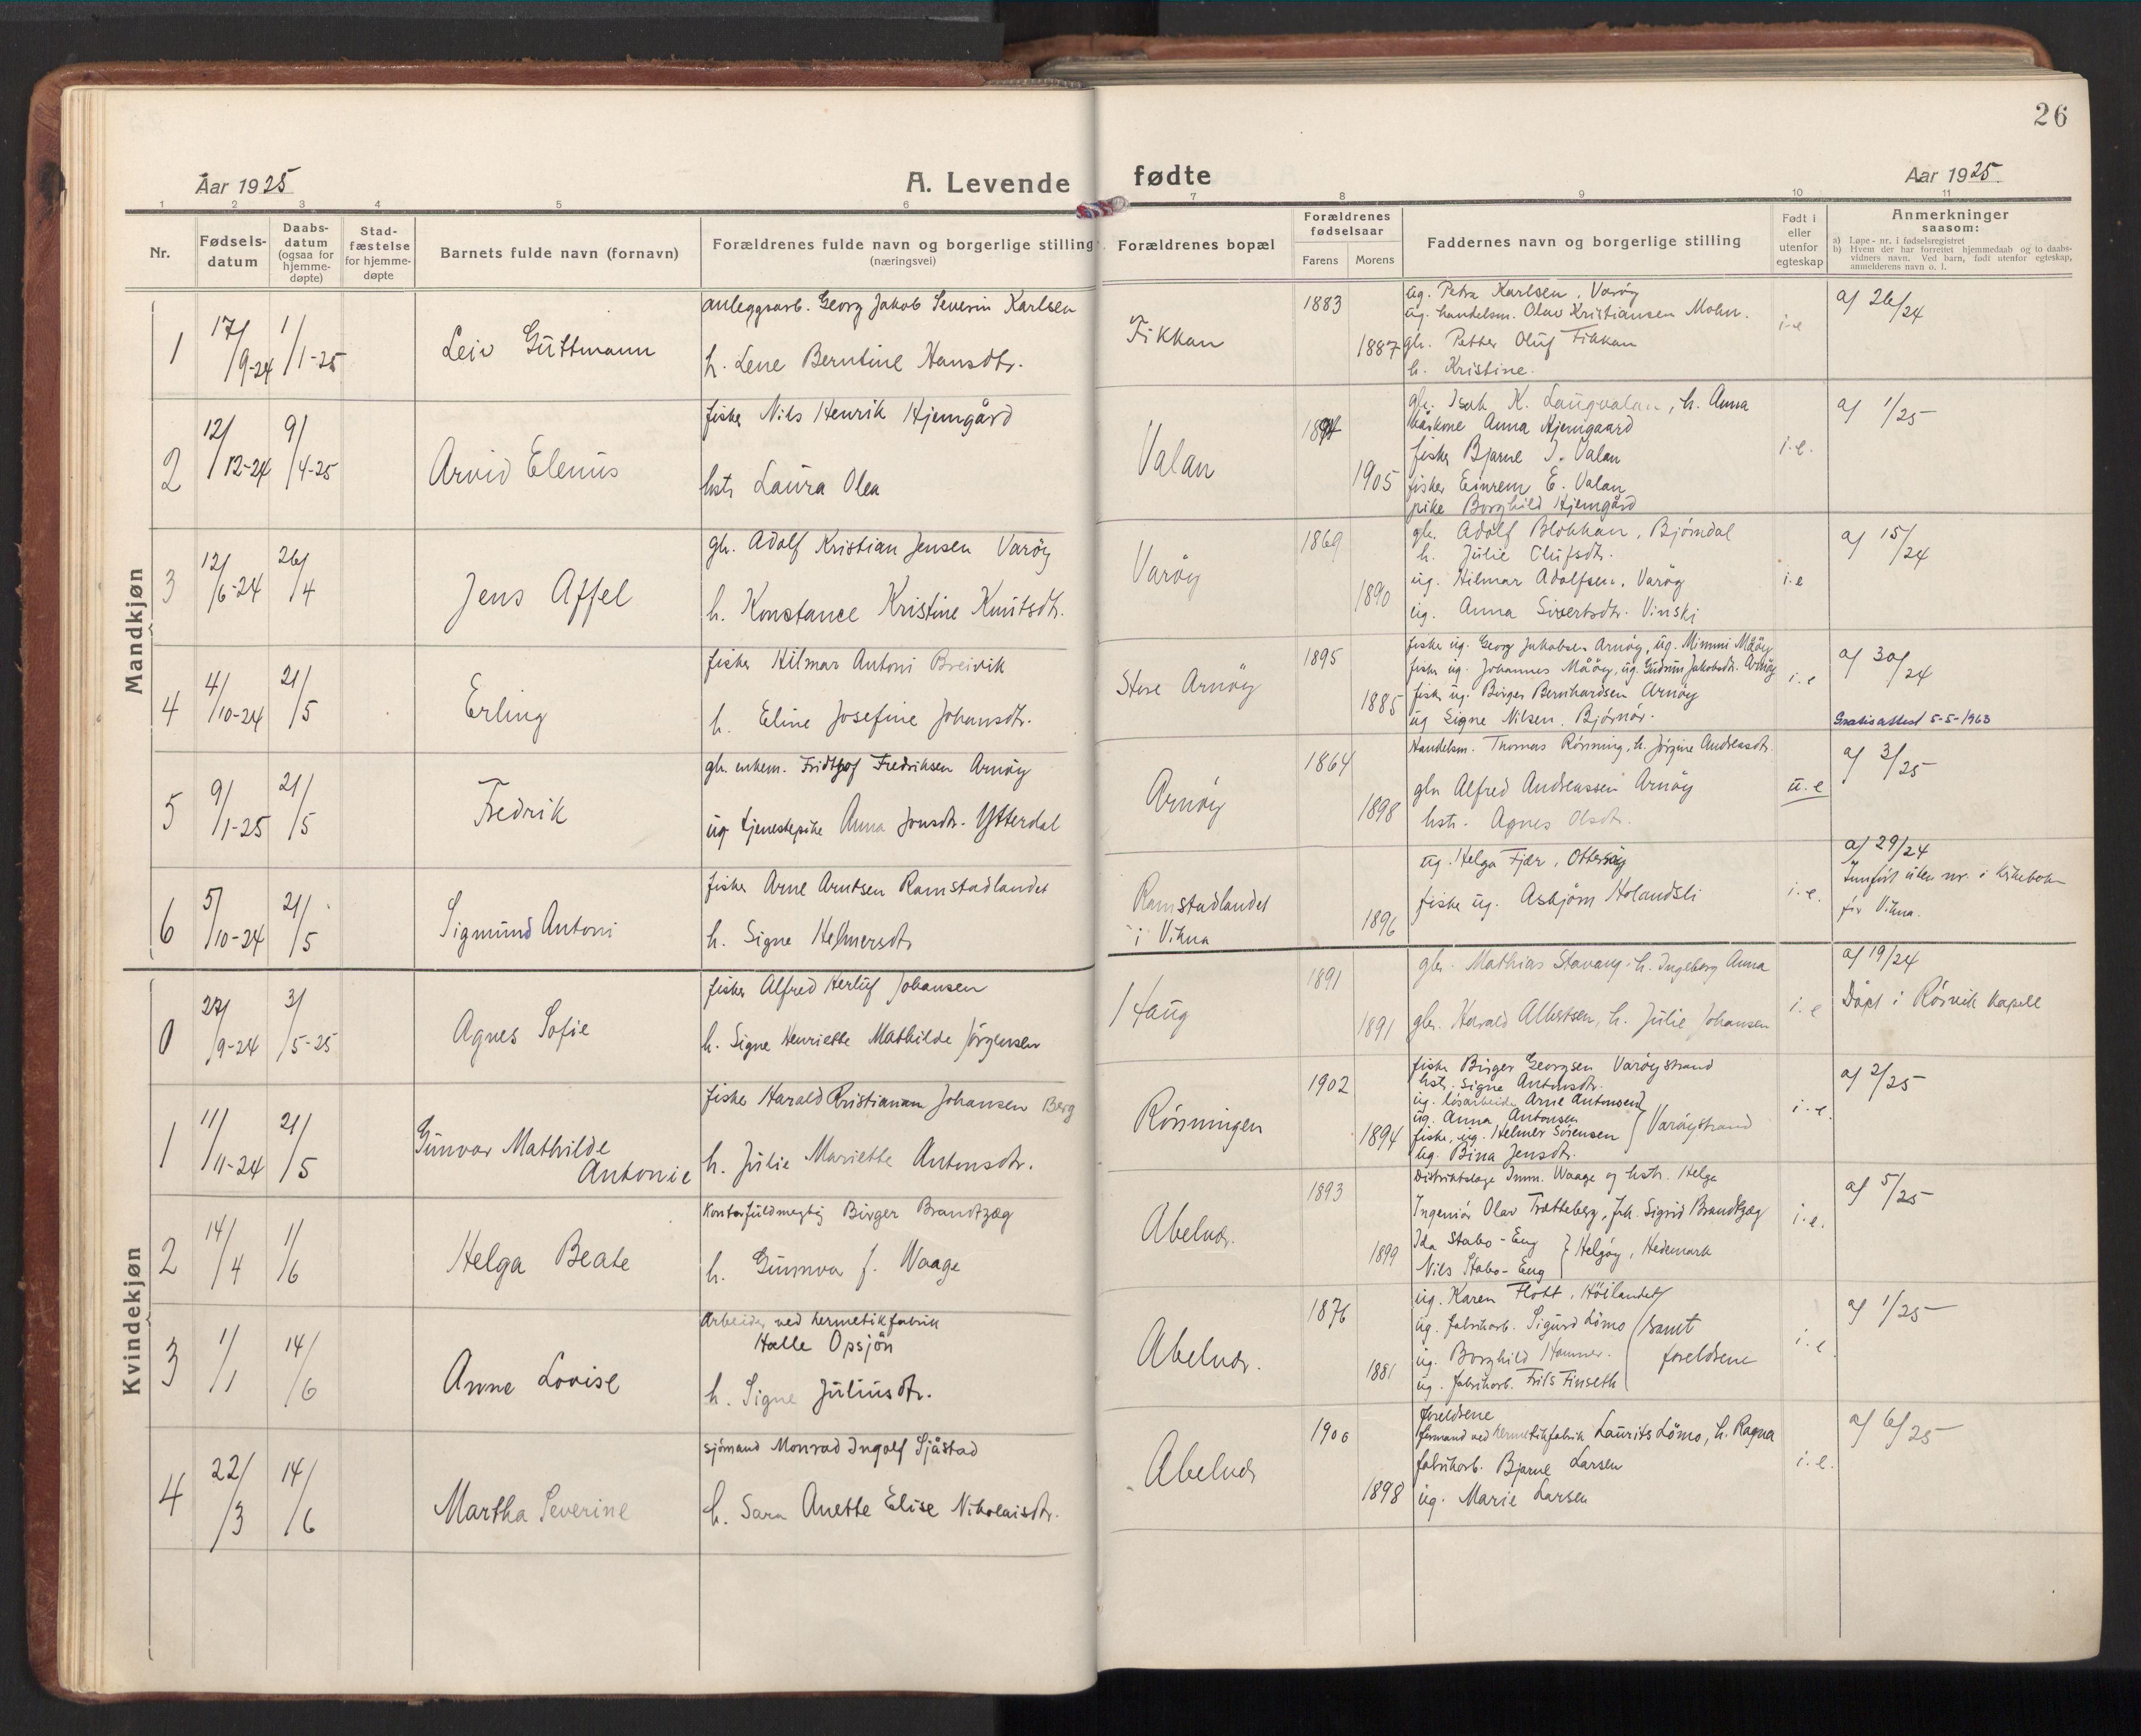 SAT, Ministerialprotokoller, klokkerbøker og fødselsregistre - Nord-Trøndelag, 784/L0678: Ministerialbok nr. 784A13, 1921-1938, s. 26